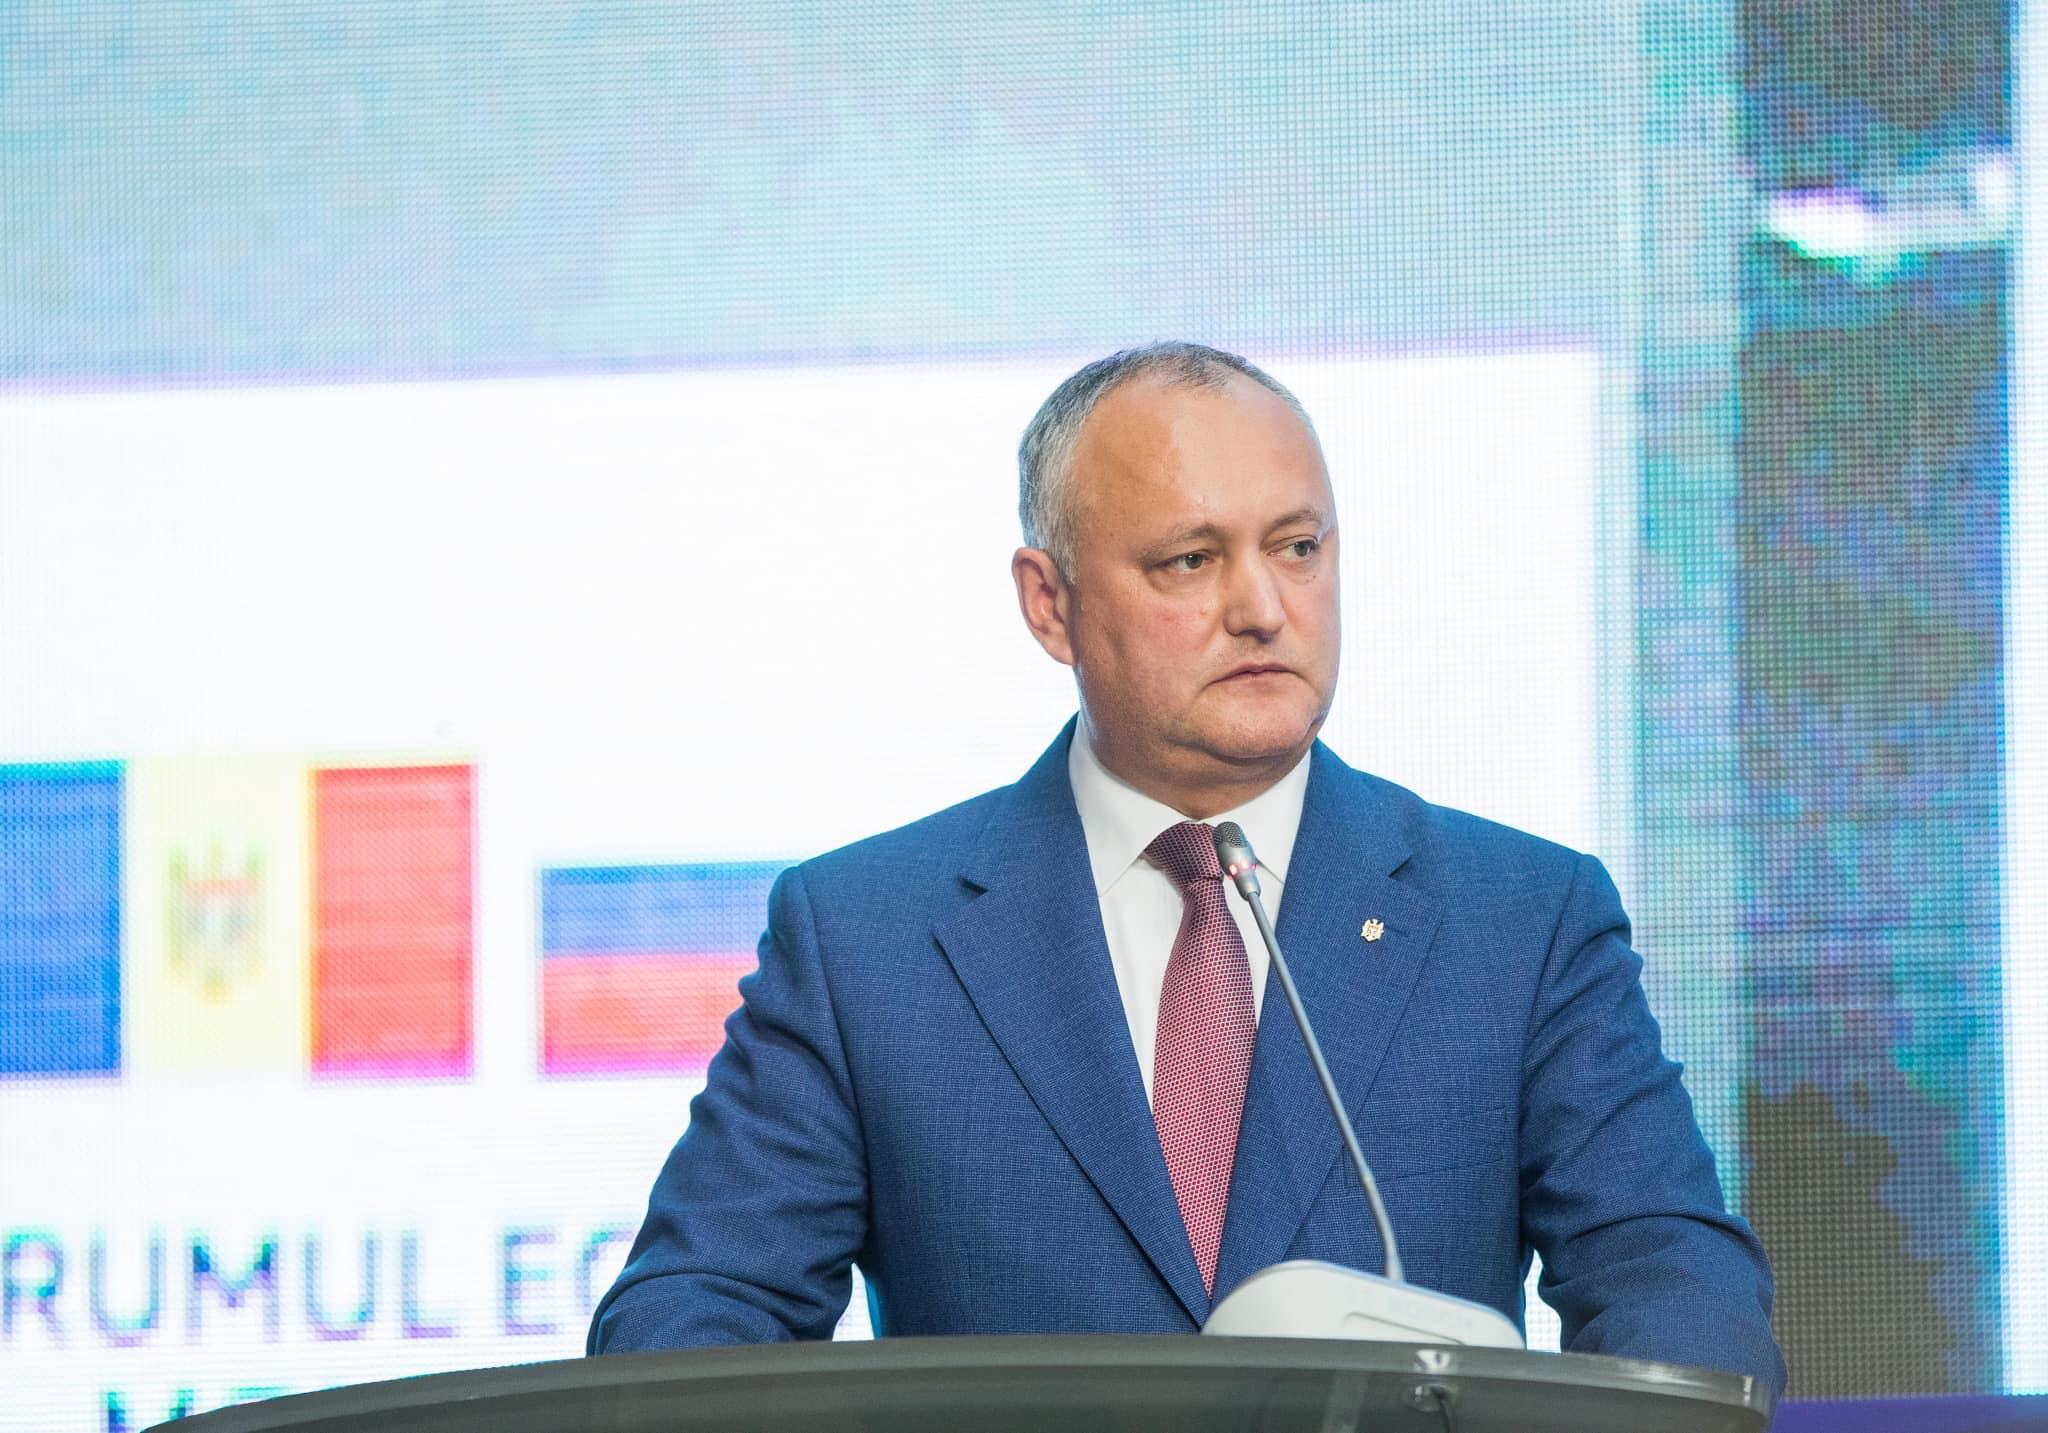 Додон: Молдова может быть активным участником проекта Большой Европы – от Лиссабона до Владивостока (ФОТО, ВИДЕО)